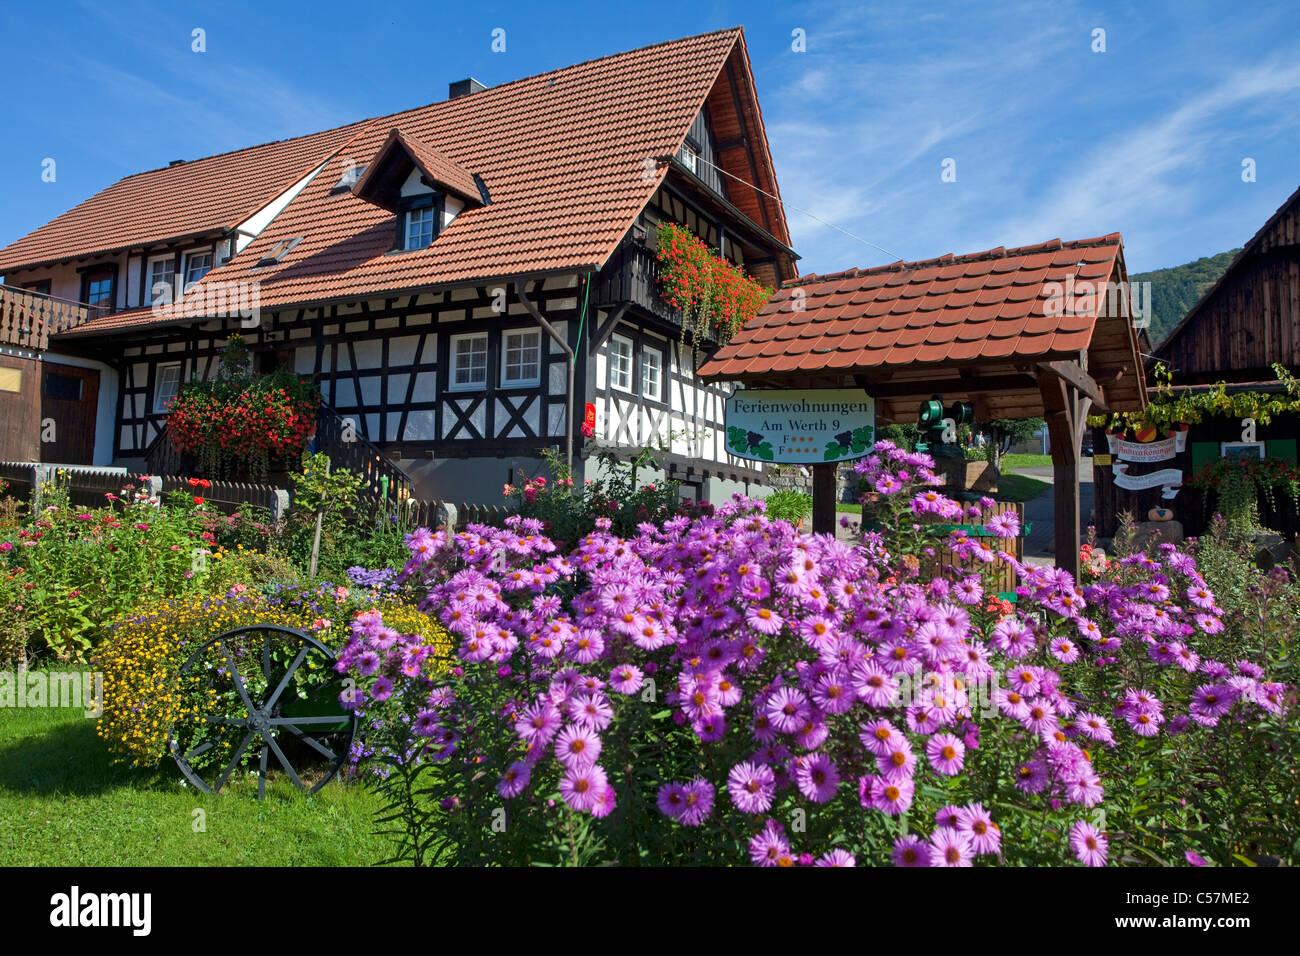 Bauernhaus und Bauerngarten, Blumengarten dans Sasbachwalden ...